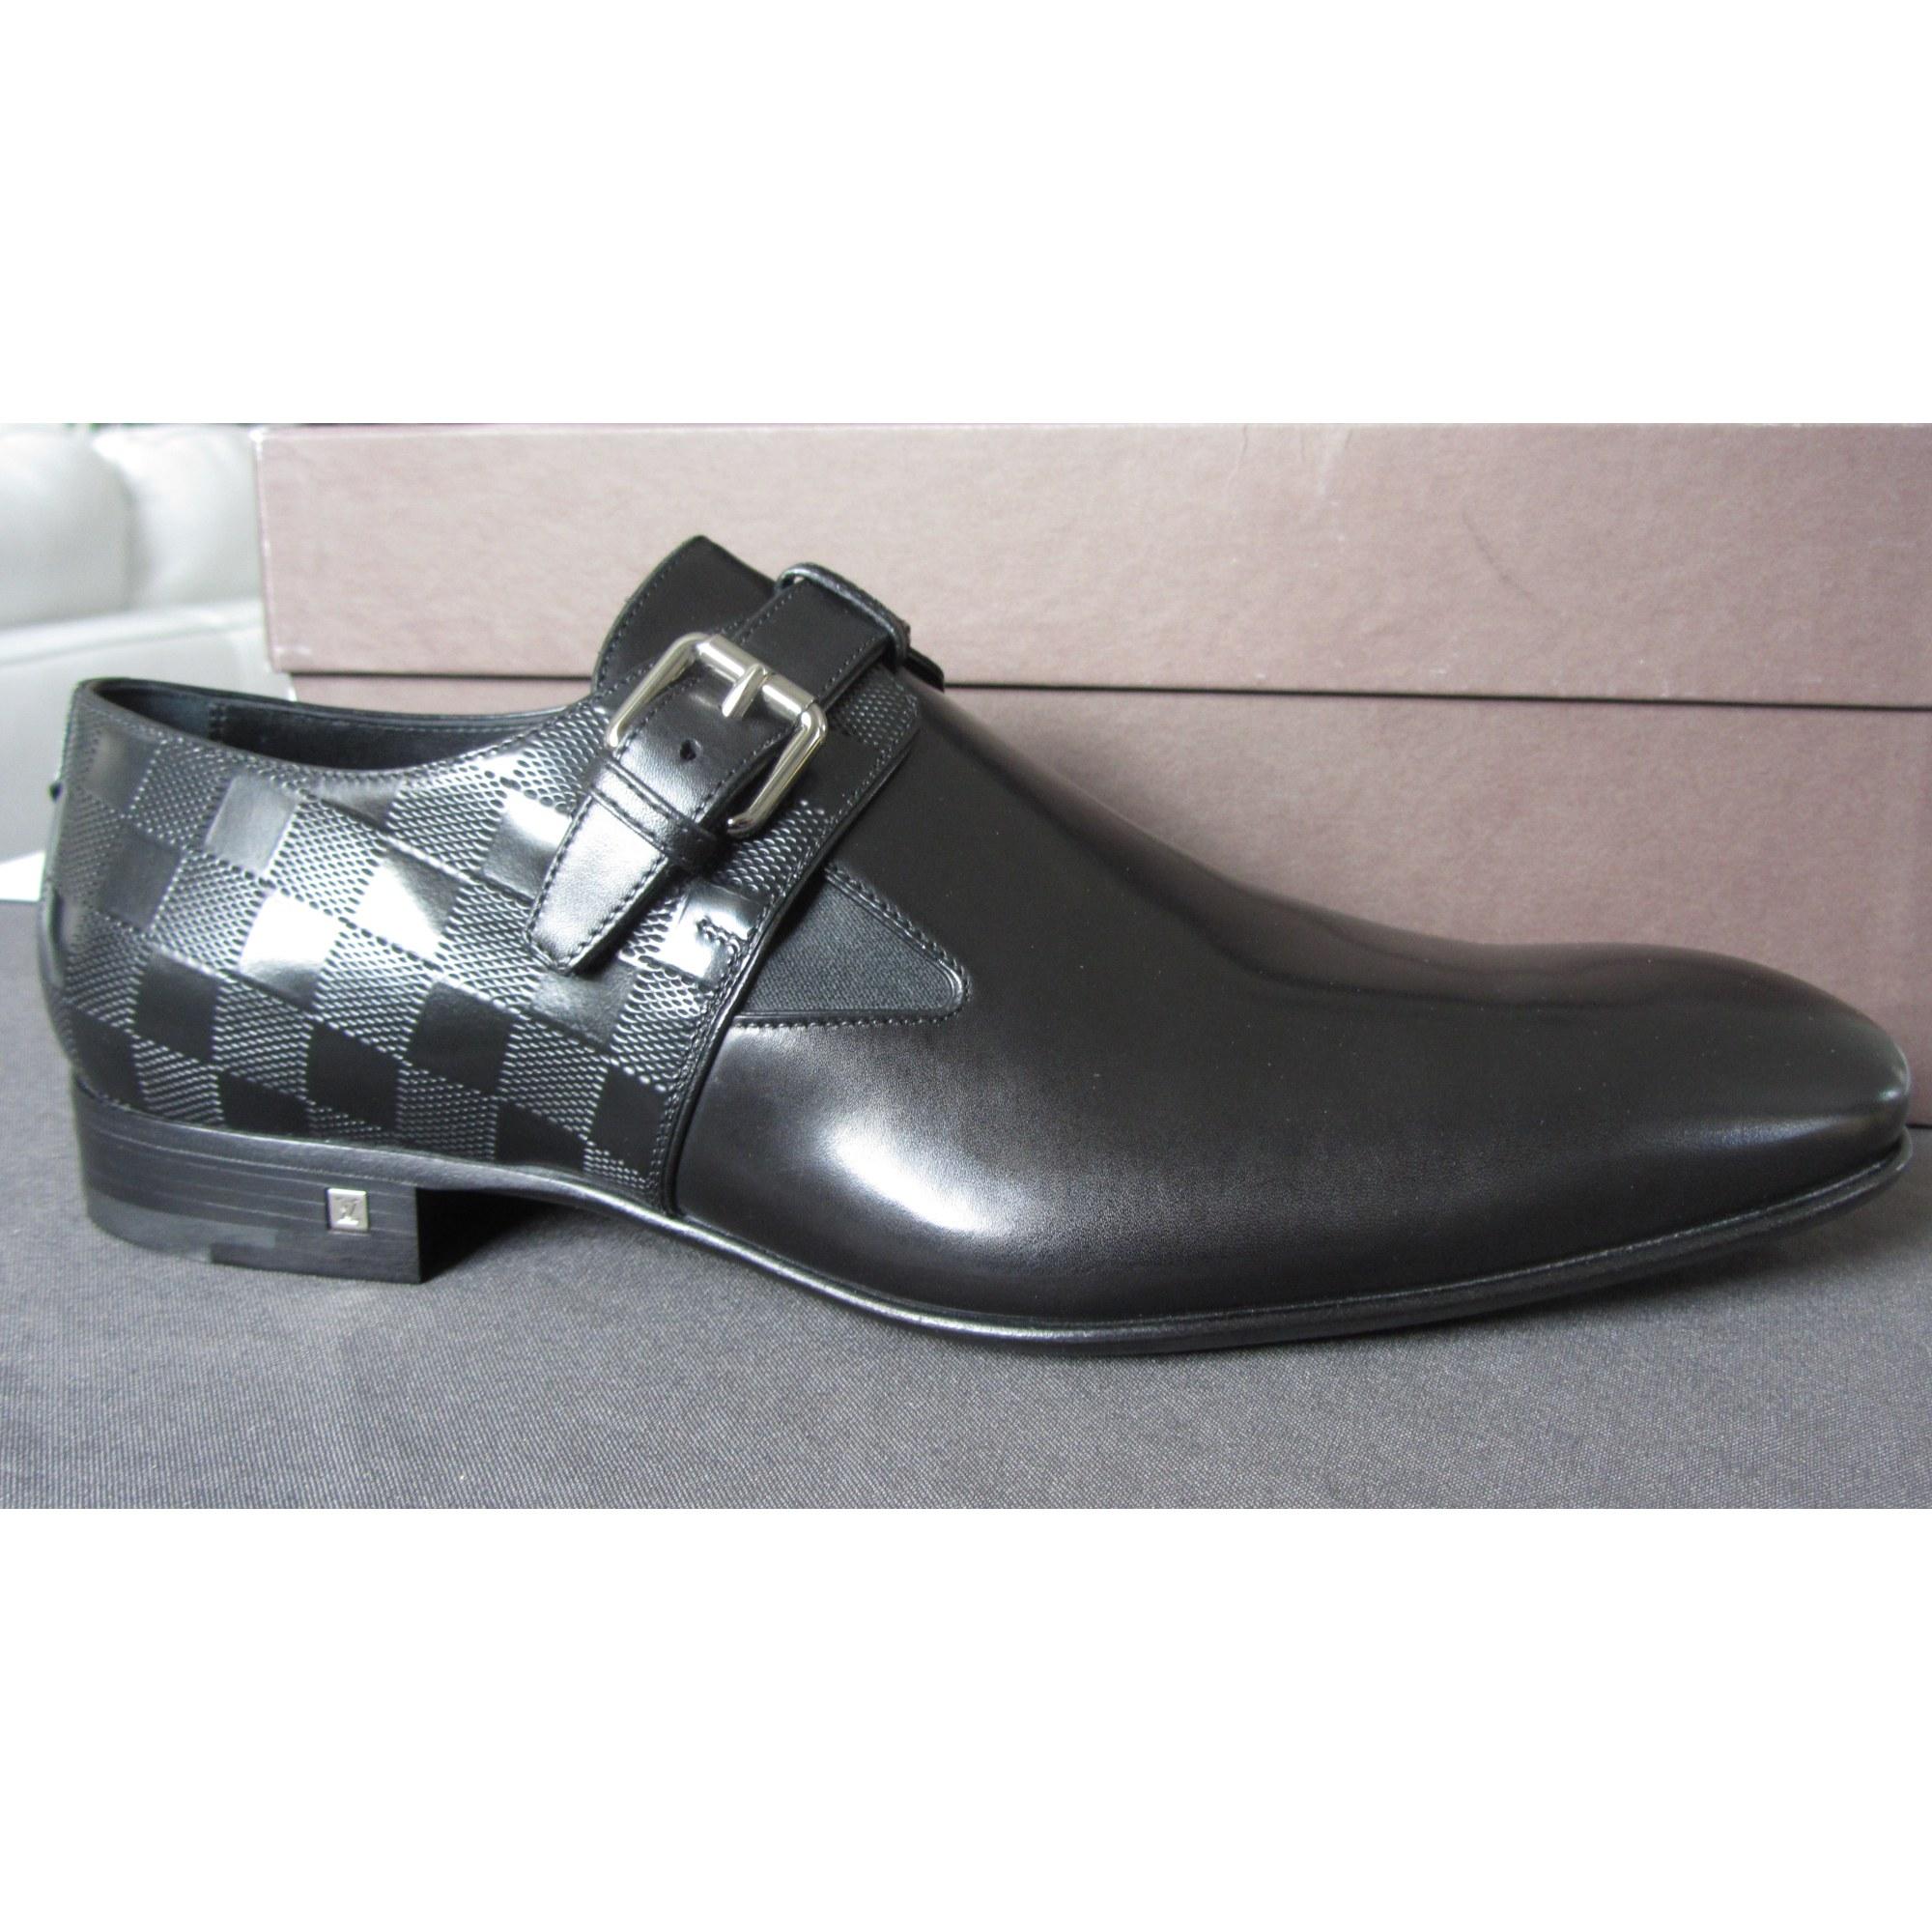 821f5cc64b4 Chaussures à boucles LOUIS VUITTON 43 noir vendu par Lilou35 - 3289089